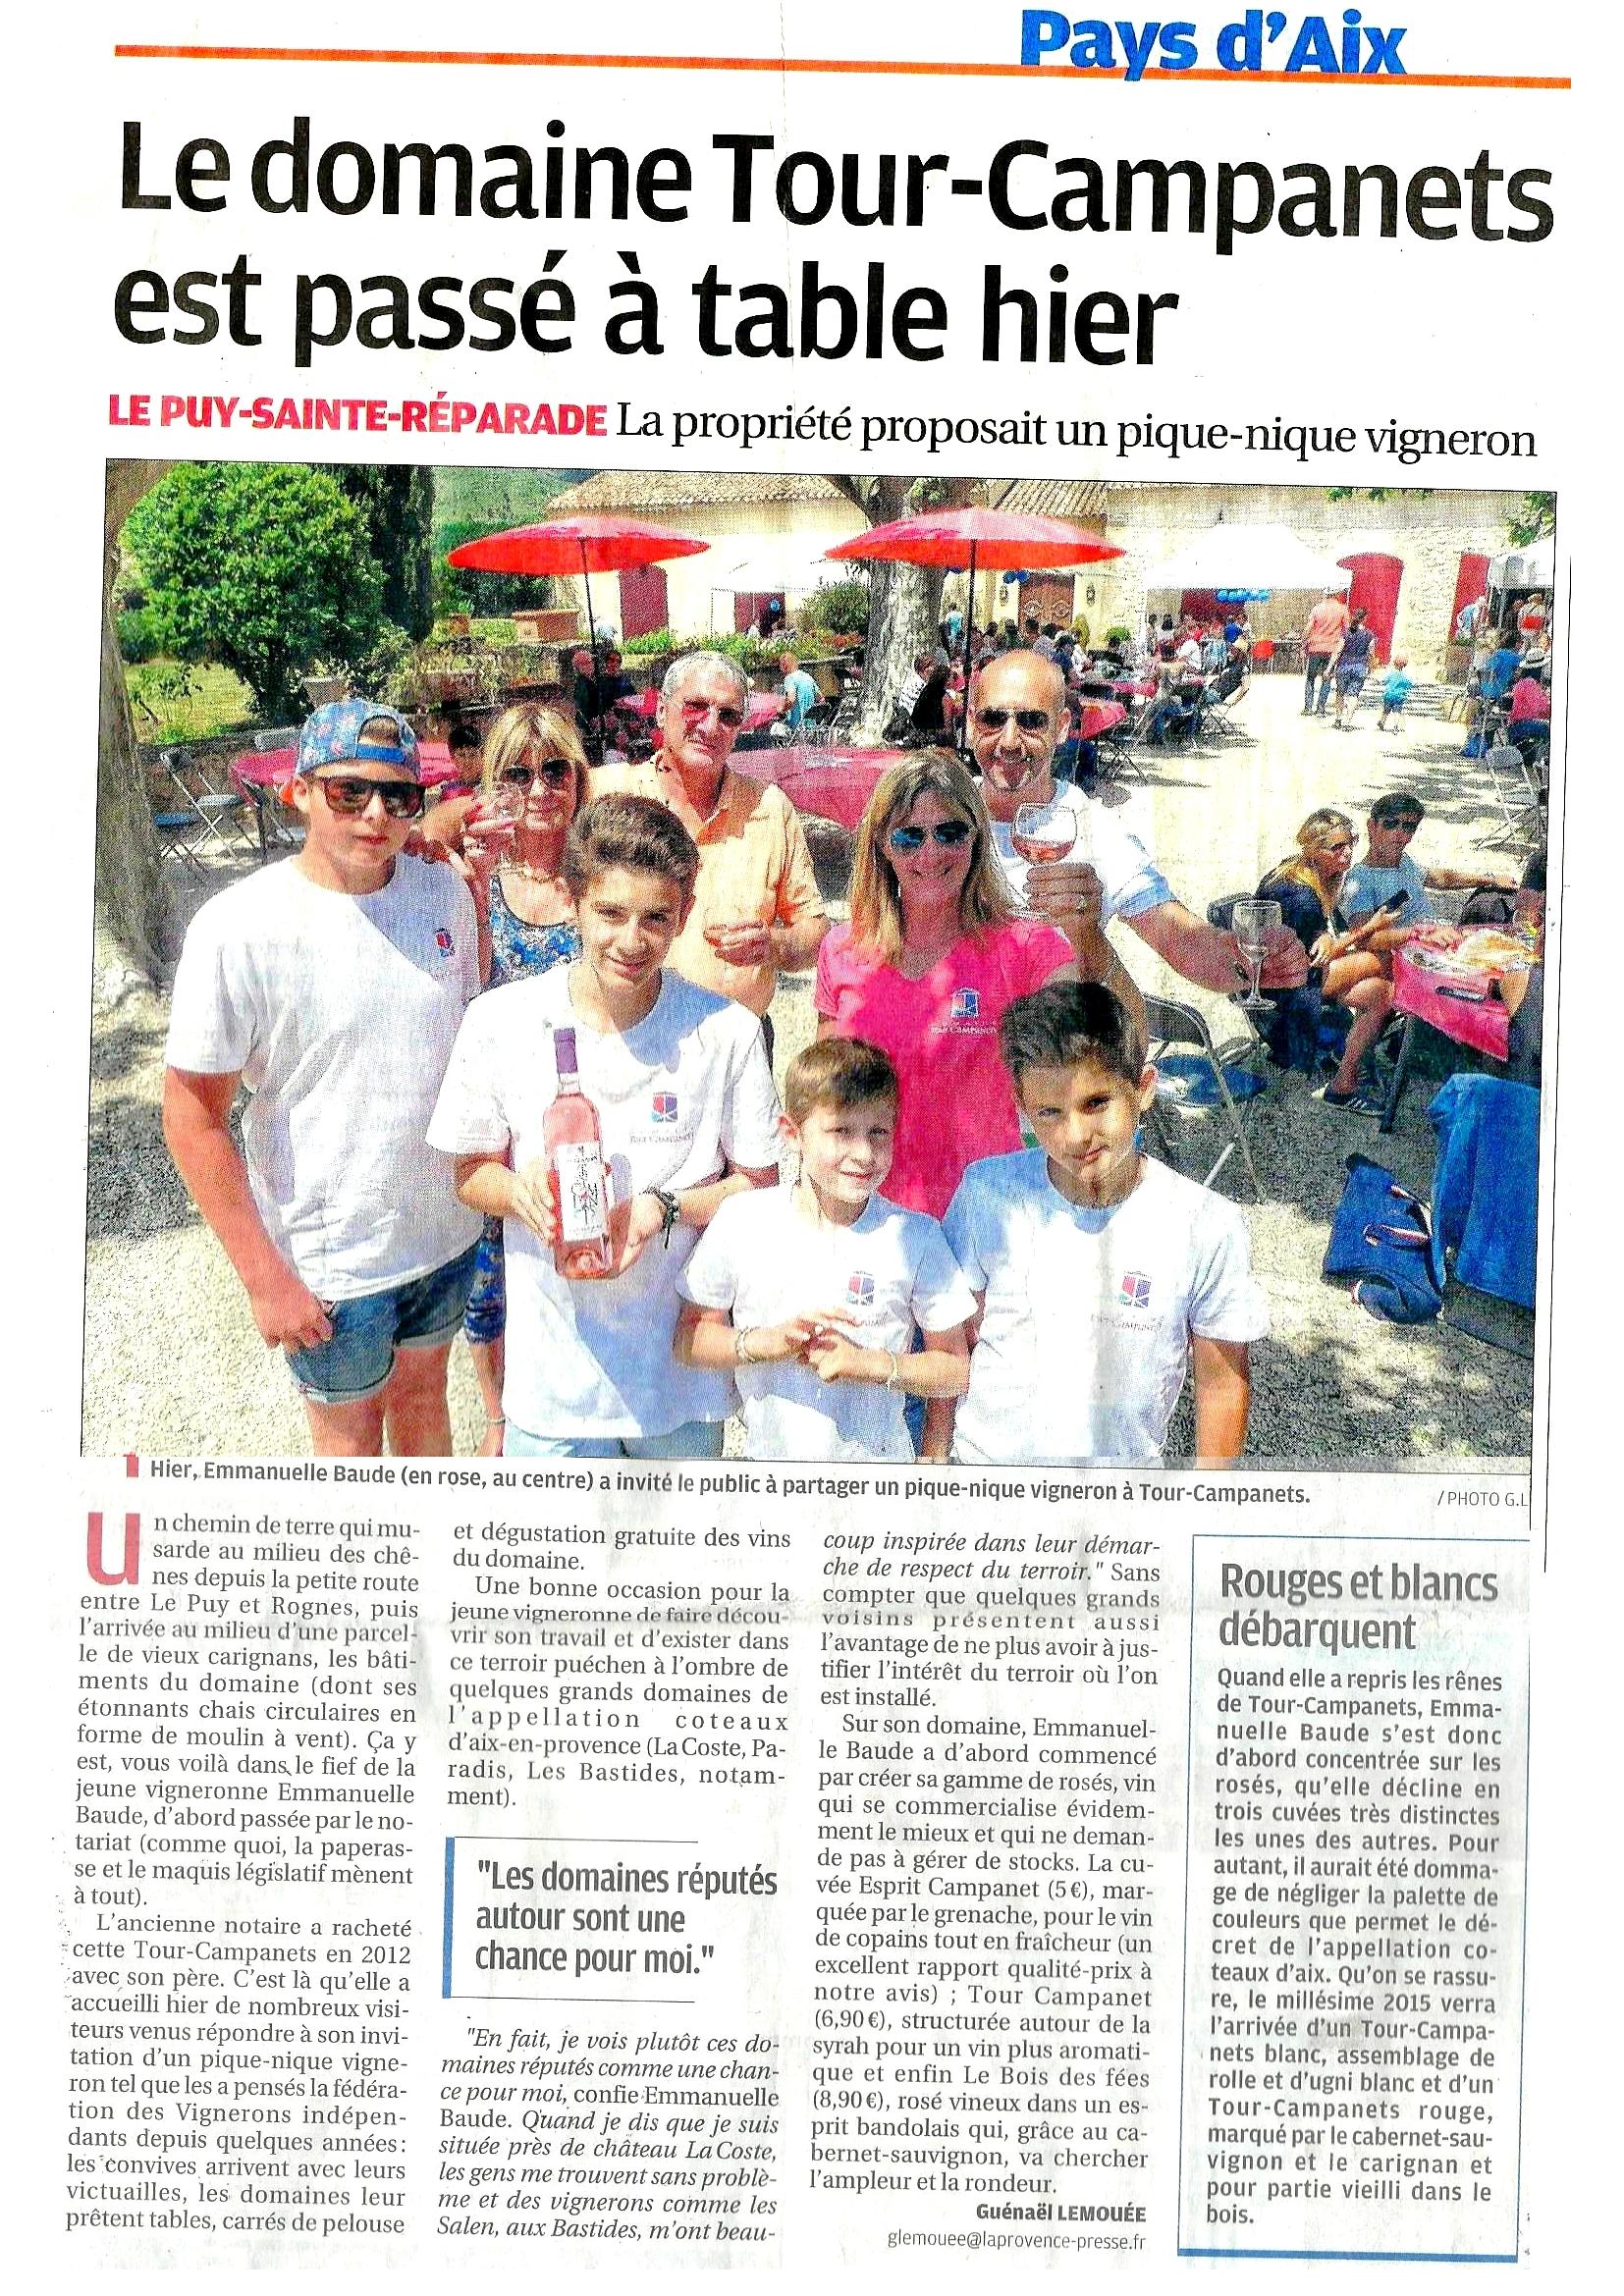 Article La Provence Pique Nique Domaine Tour Campanets